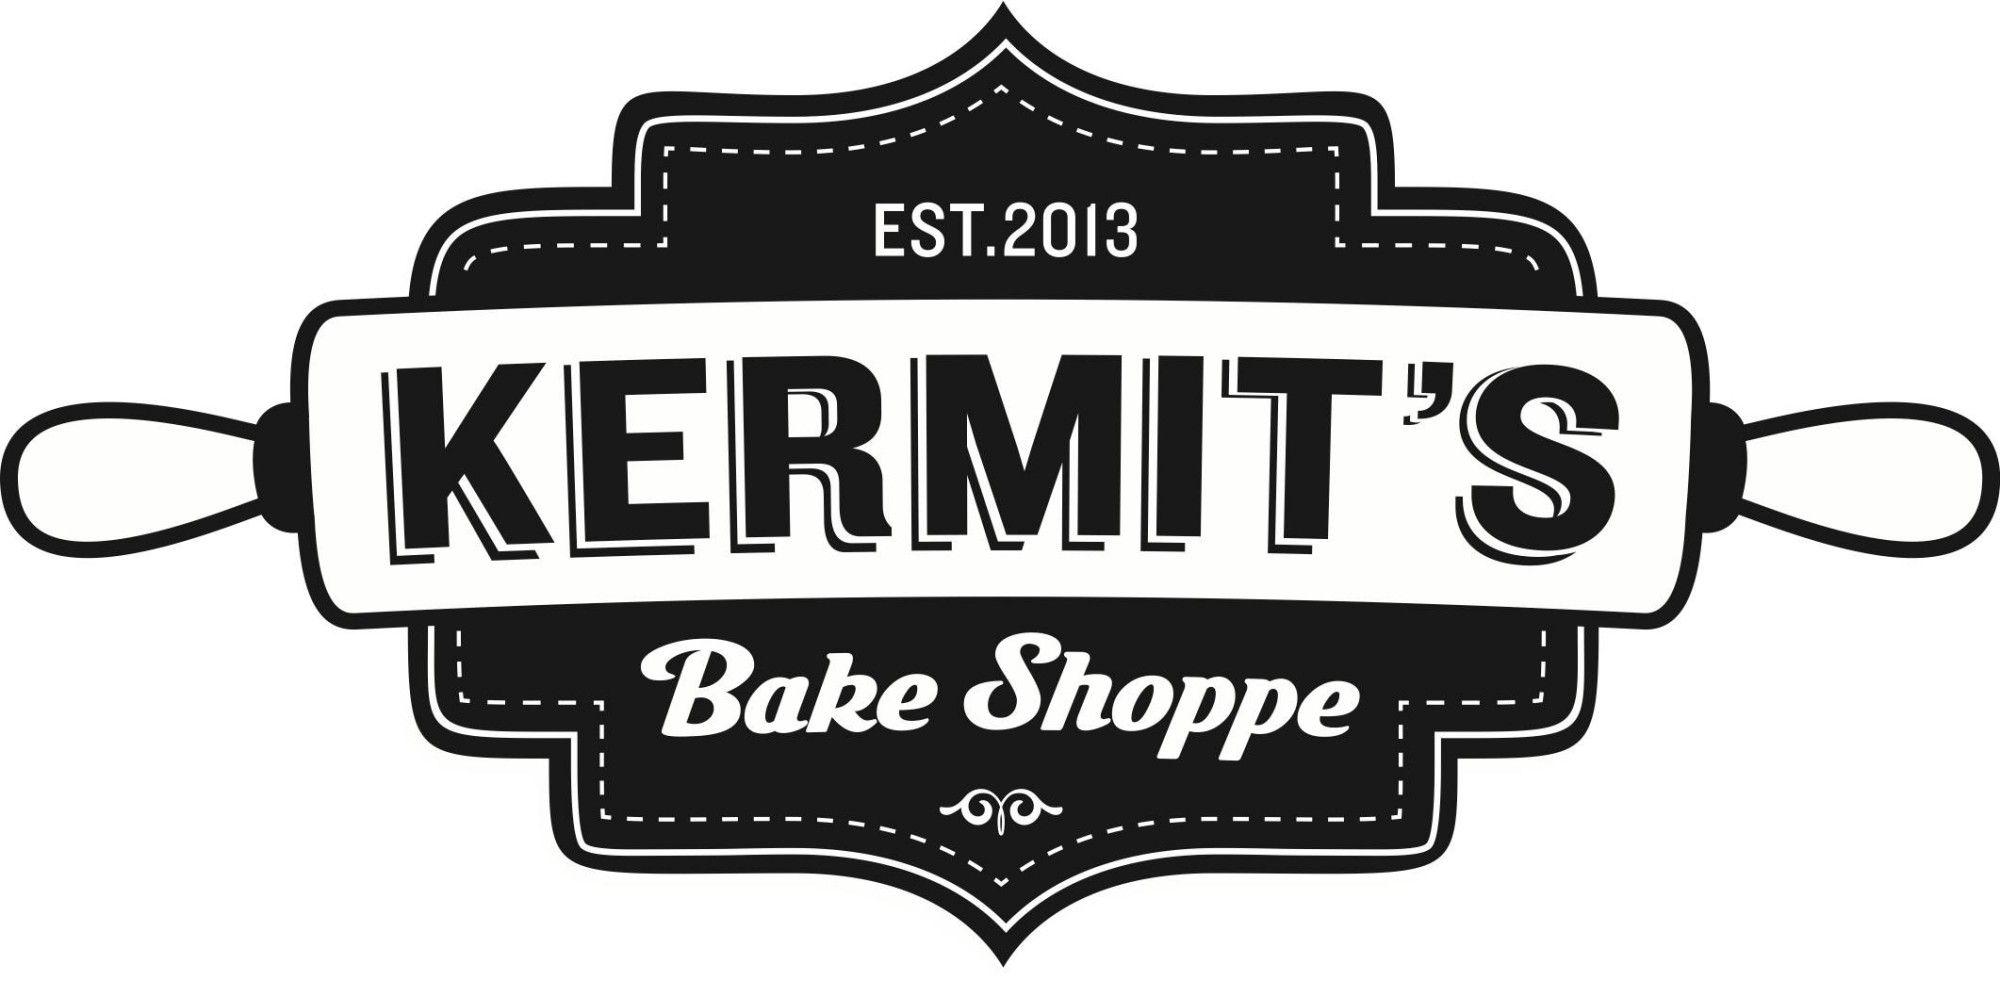 Bakery Shop Logo Art Design Bakery Logo Bakery Shop Logo